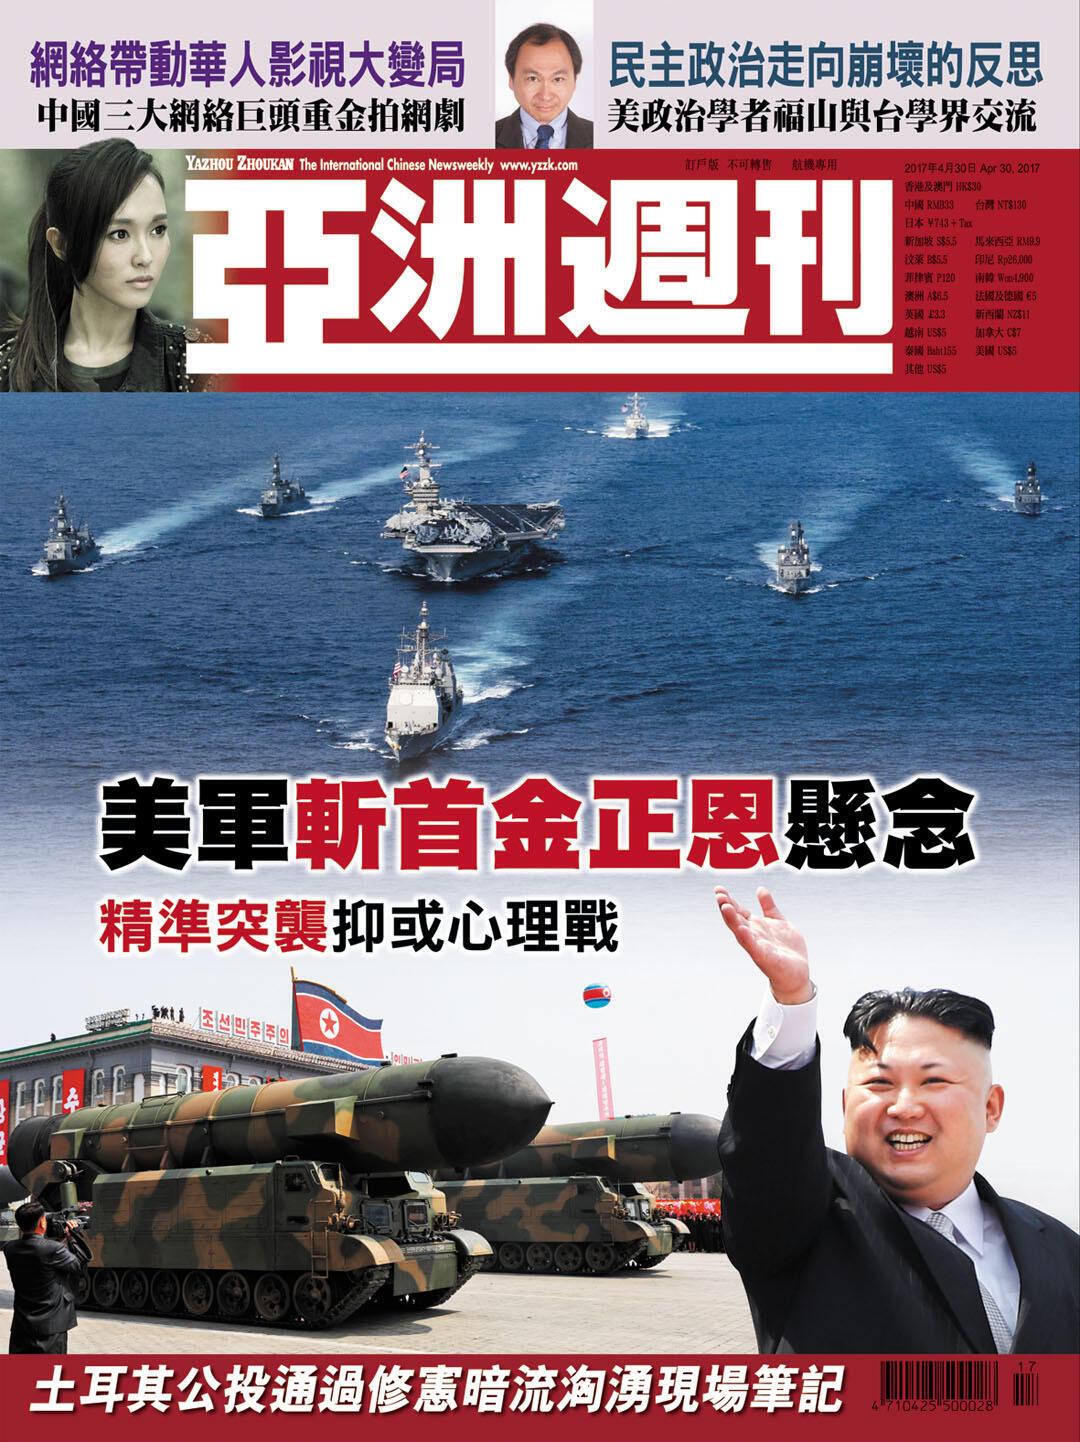 《亞洲周刊》第31卷 17期封面图片